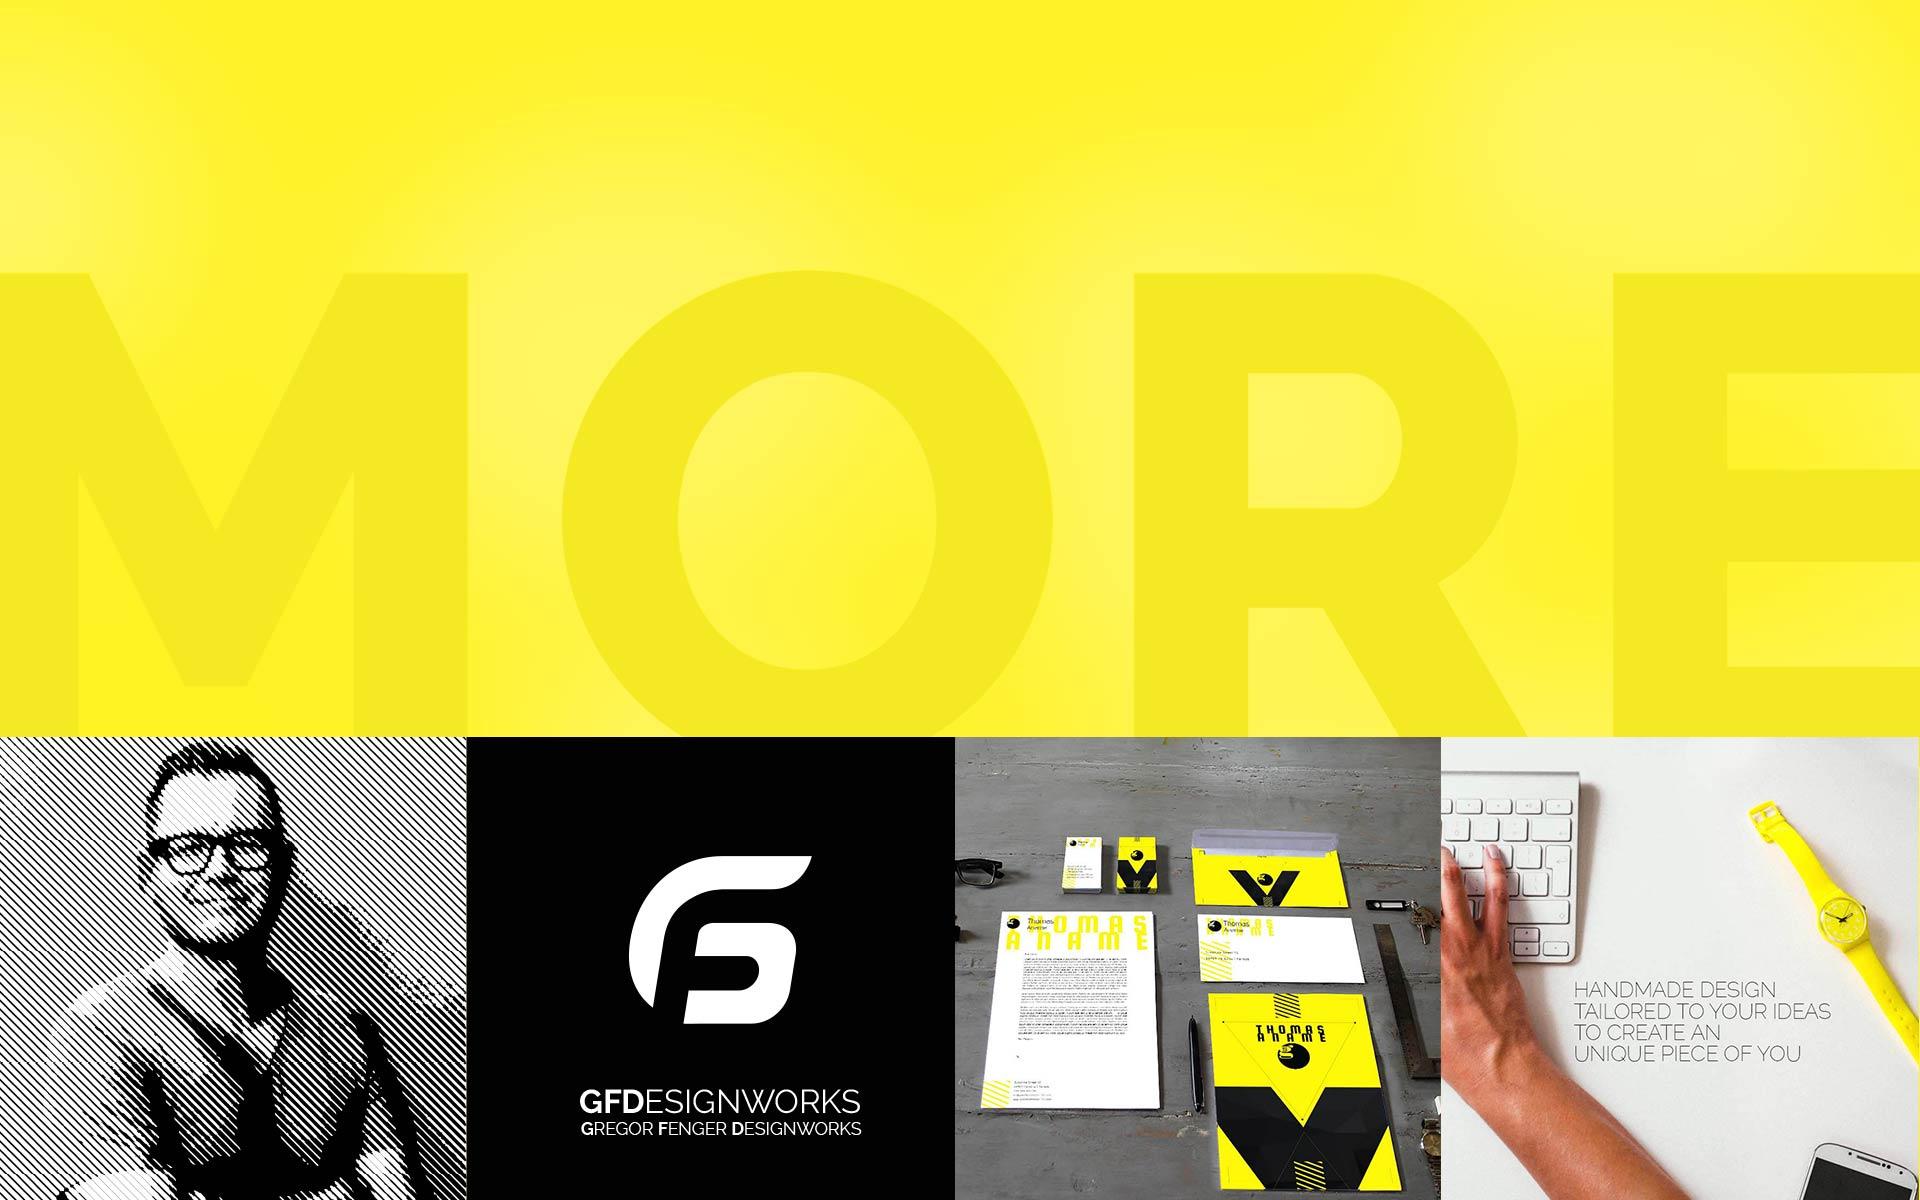 corporate idtentity logo grafik design web branding seo ci geschaeftsausstattung briefpapier muenchen 3